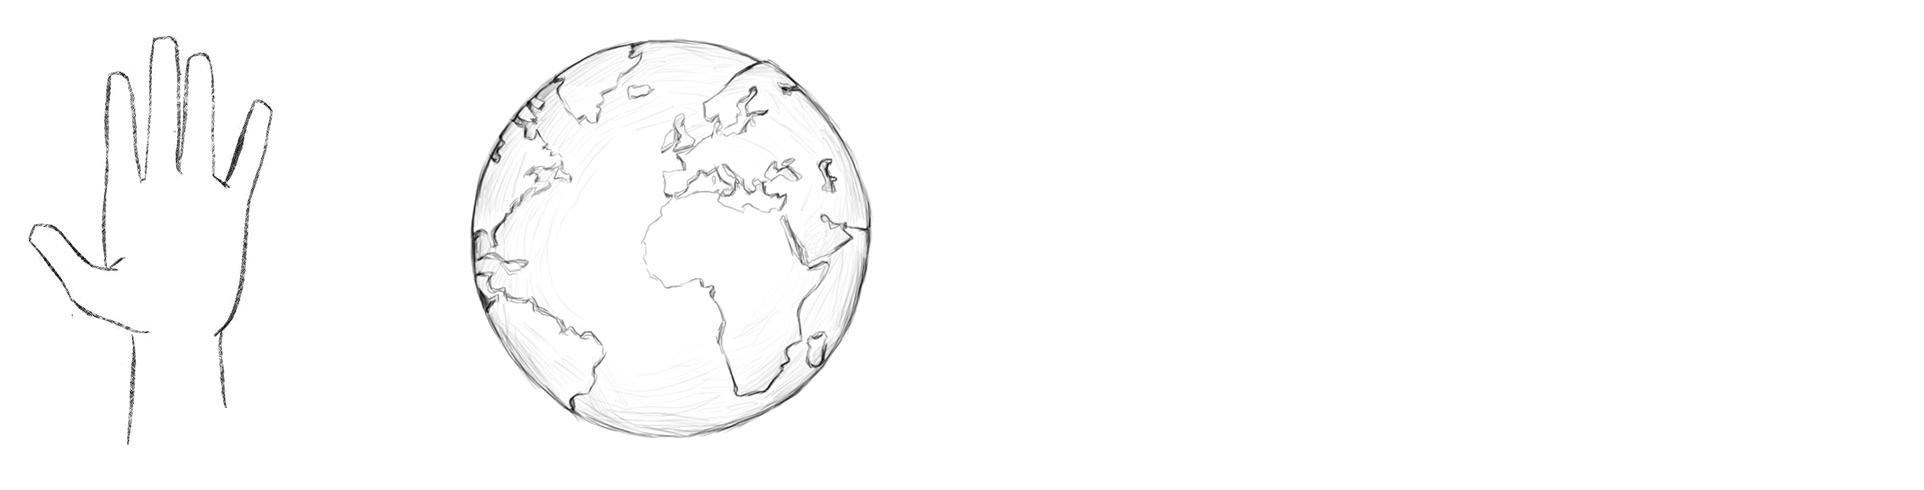 dessin d'une main et d'un planète